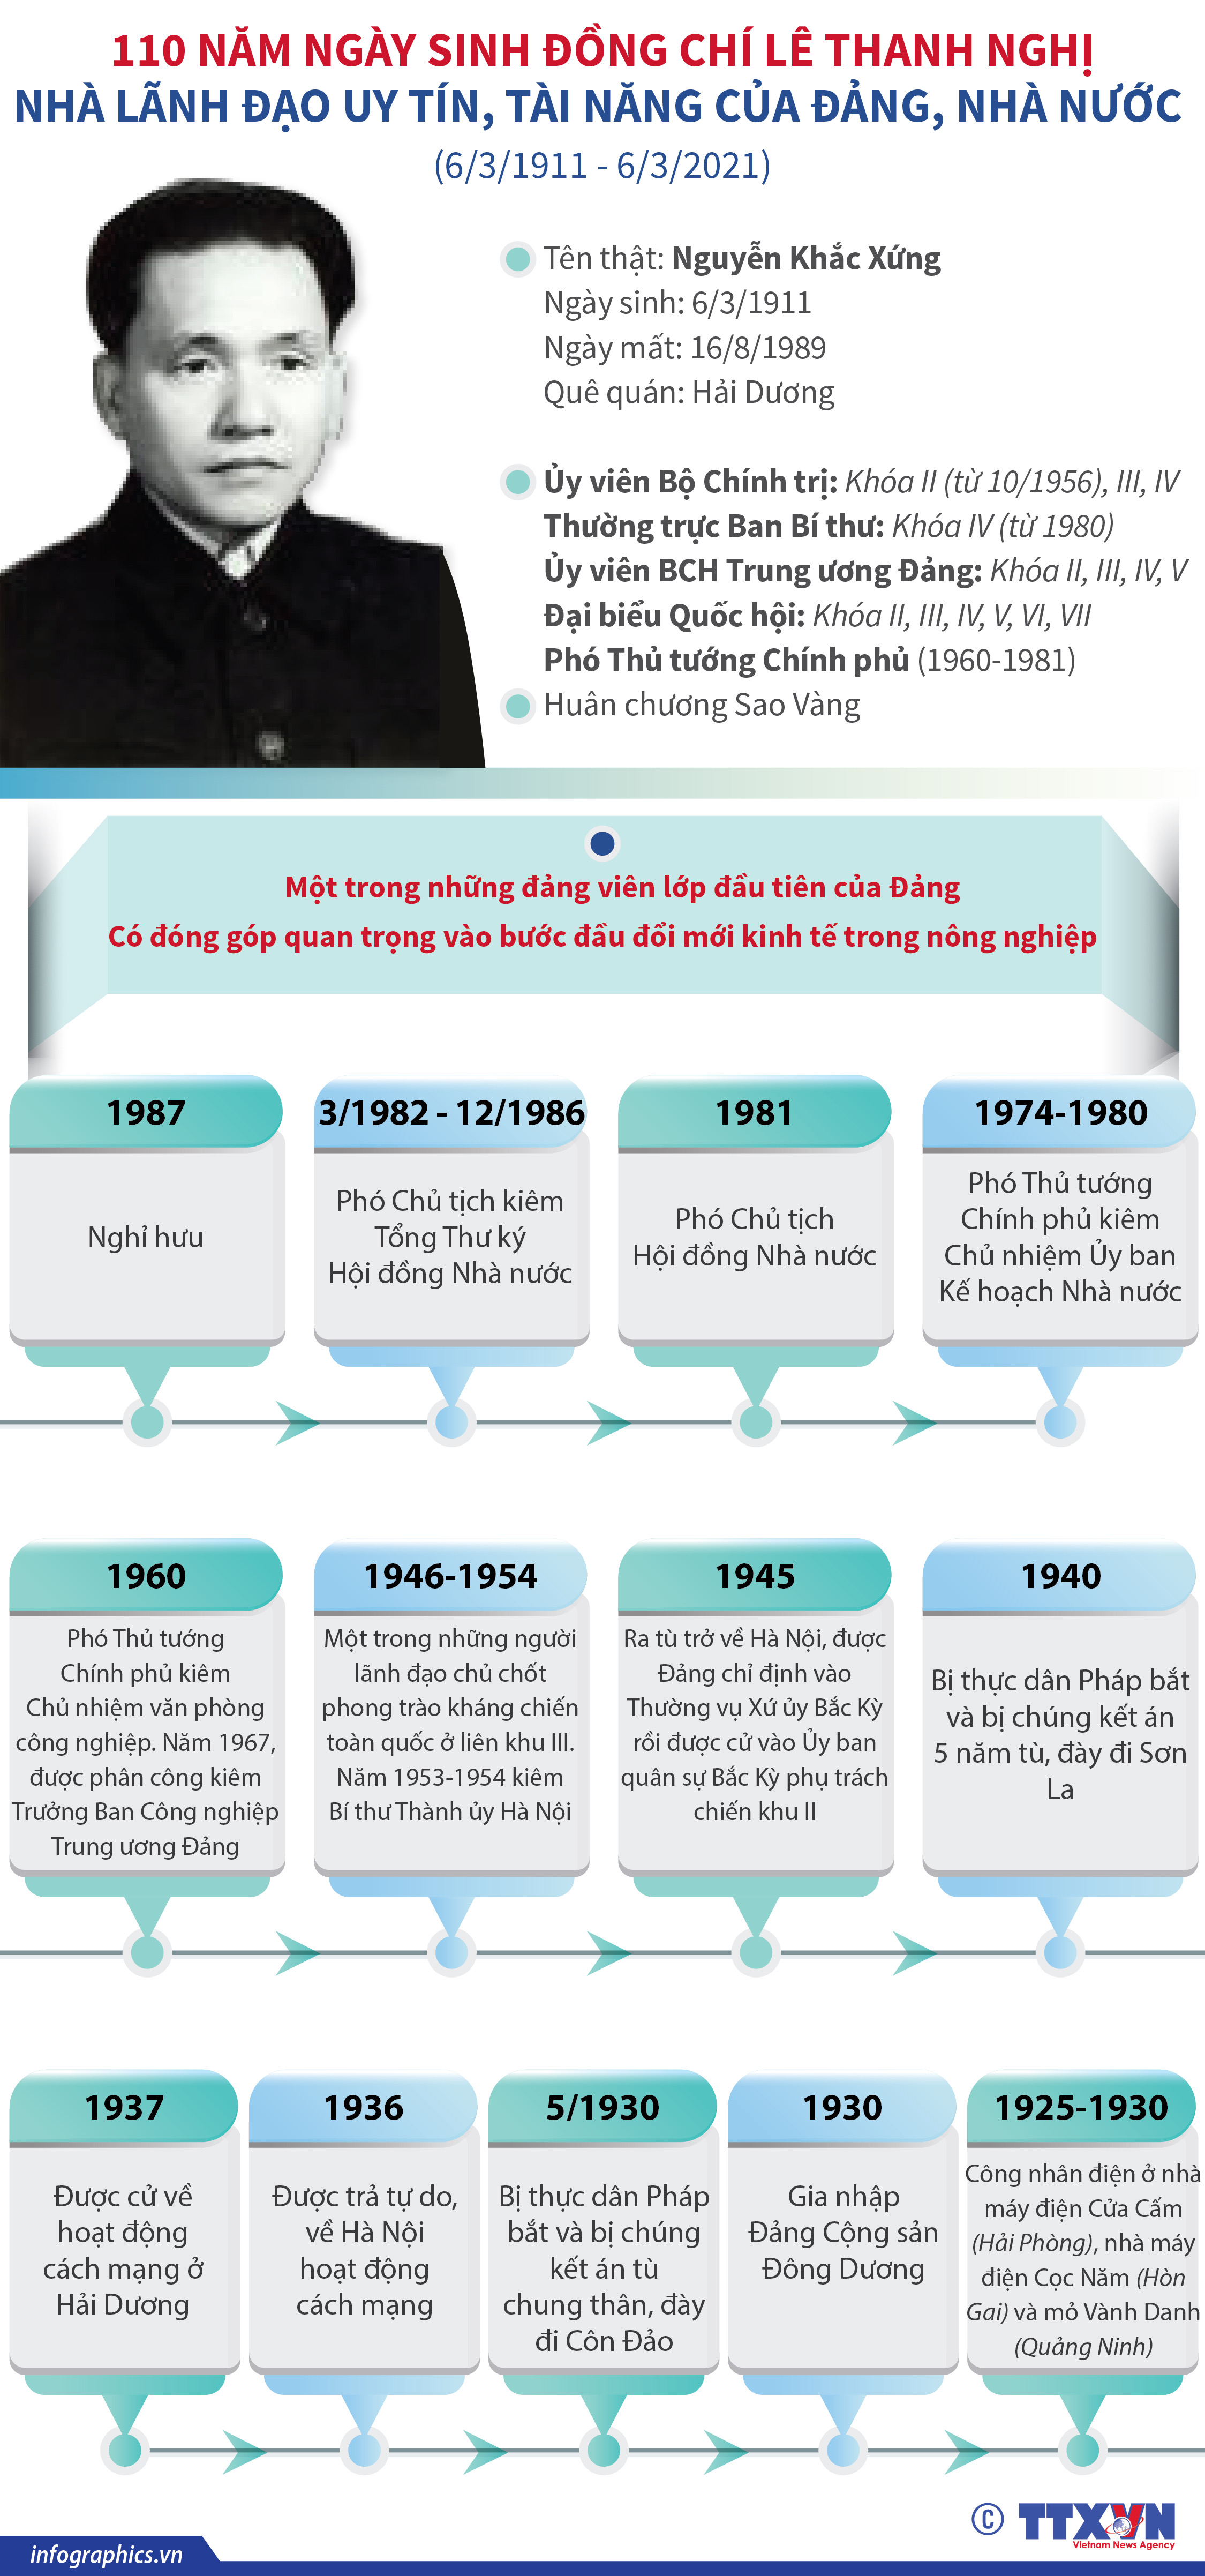 110 năm ngày sinh đồng chí Lê Thanh Nghị: Nhà lãnh đạo uy tín, tài năng của Đảng, Nhà nước - Ảnh 1